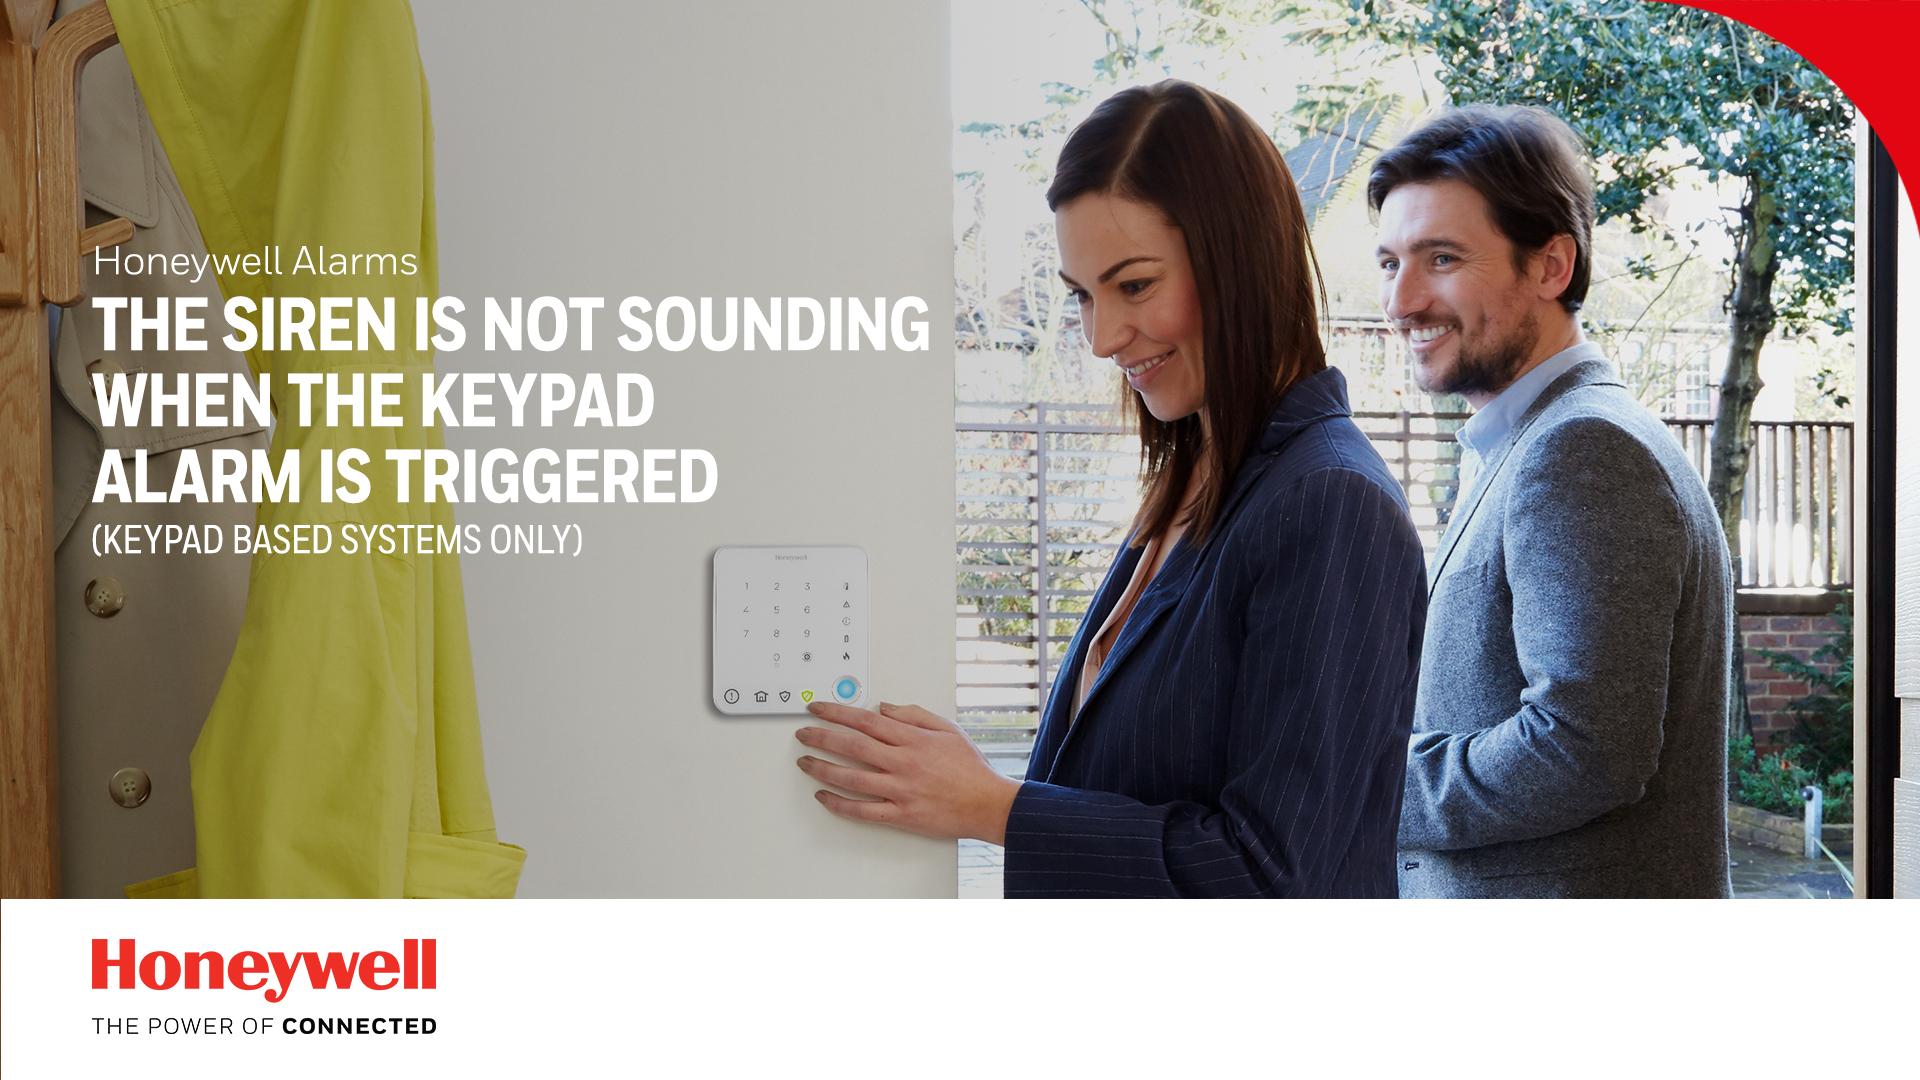 La sirène n'émet aucun son lorsque l'alarme du clavier numérique est déclenchée (uniquement pour les systèmes à clavier numérique).